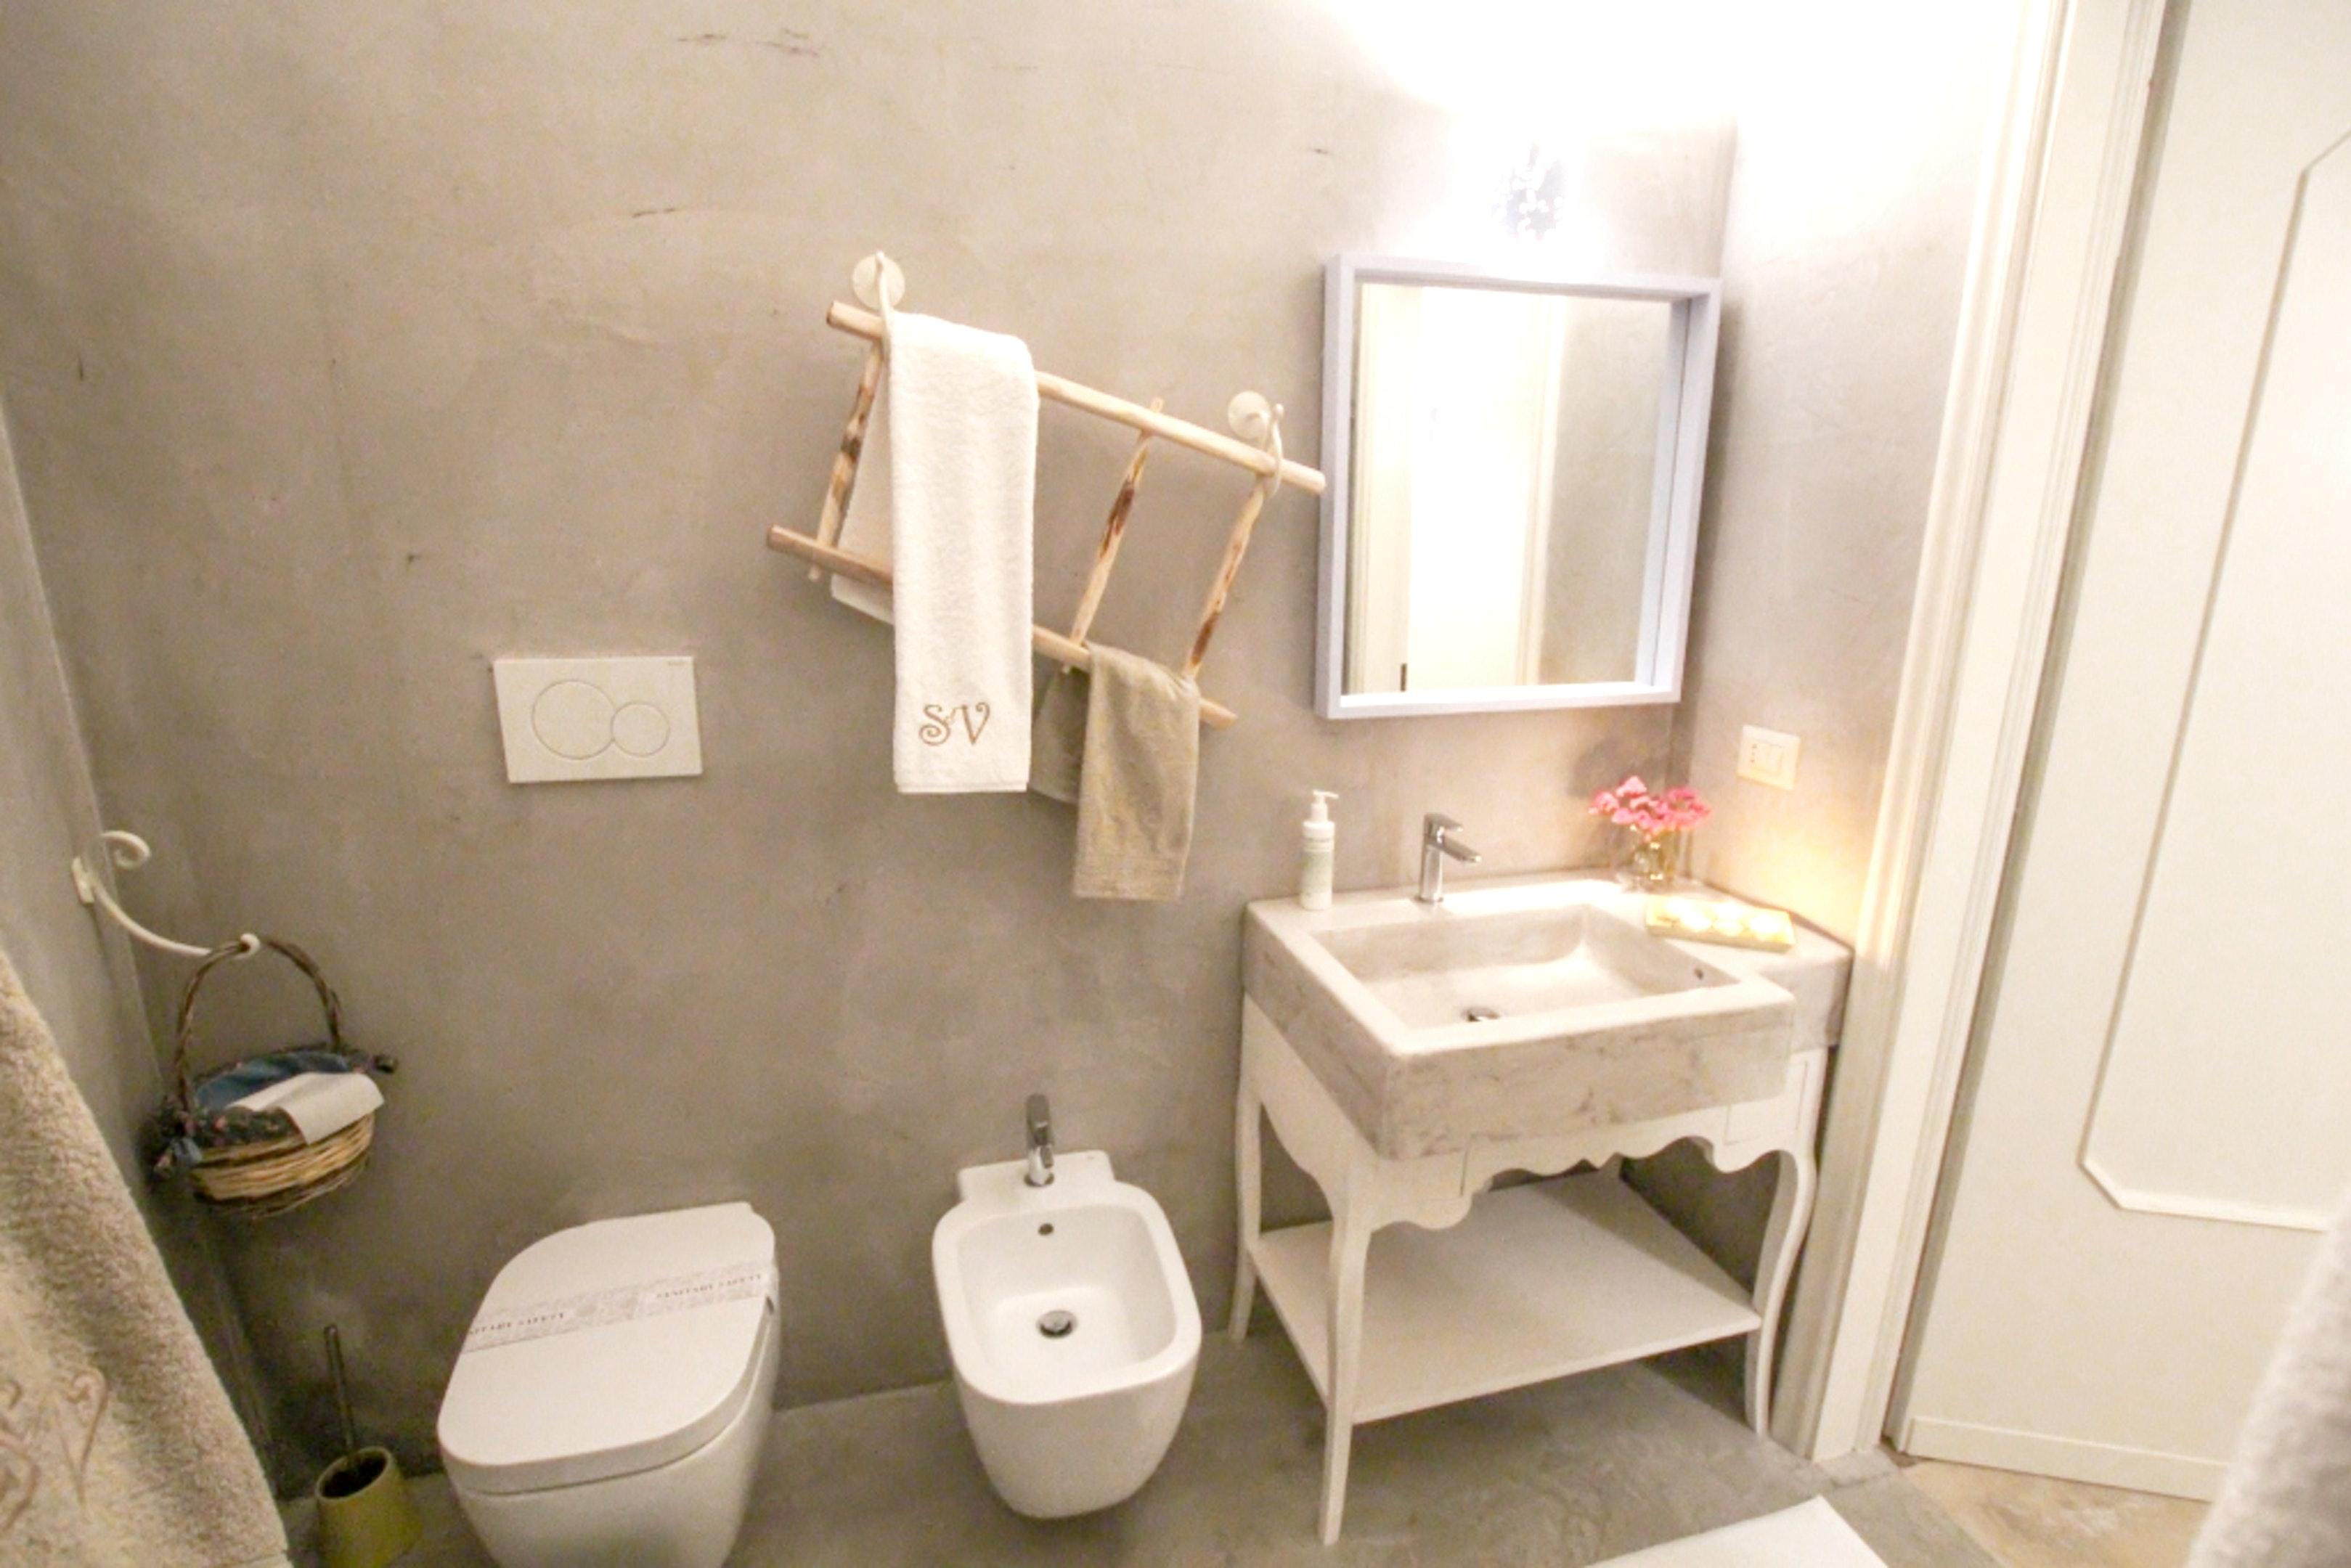 Ferienwohnung Wohnung mit 2 Schlafzimmern in Alberobello mit schöner Aussicht auf die Stadt und W-LAN -  (2201240), Alberobello, Bari, Apulien, Italien, Bild 20